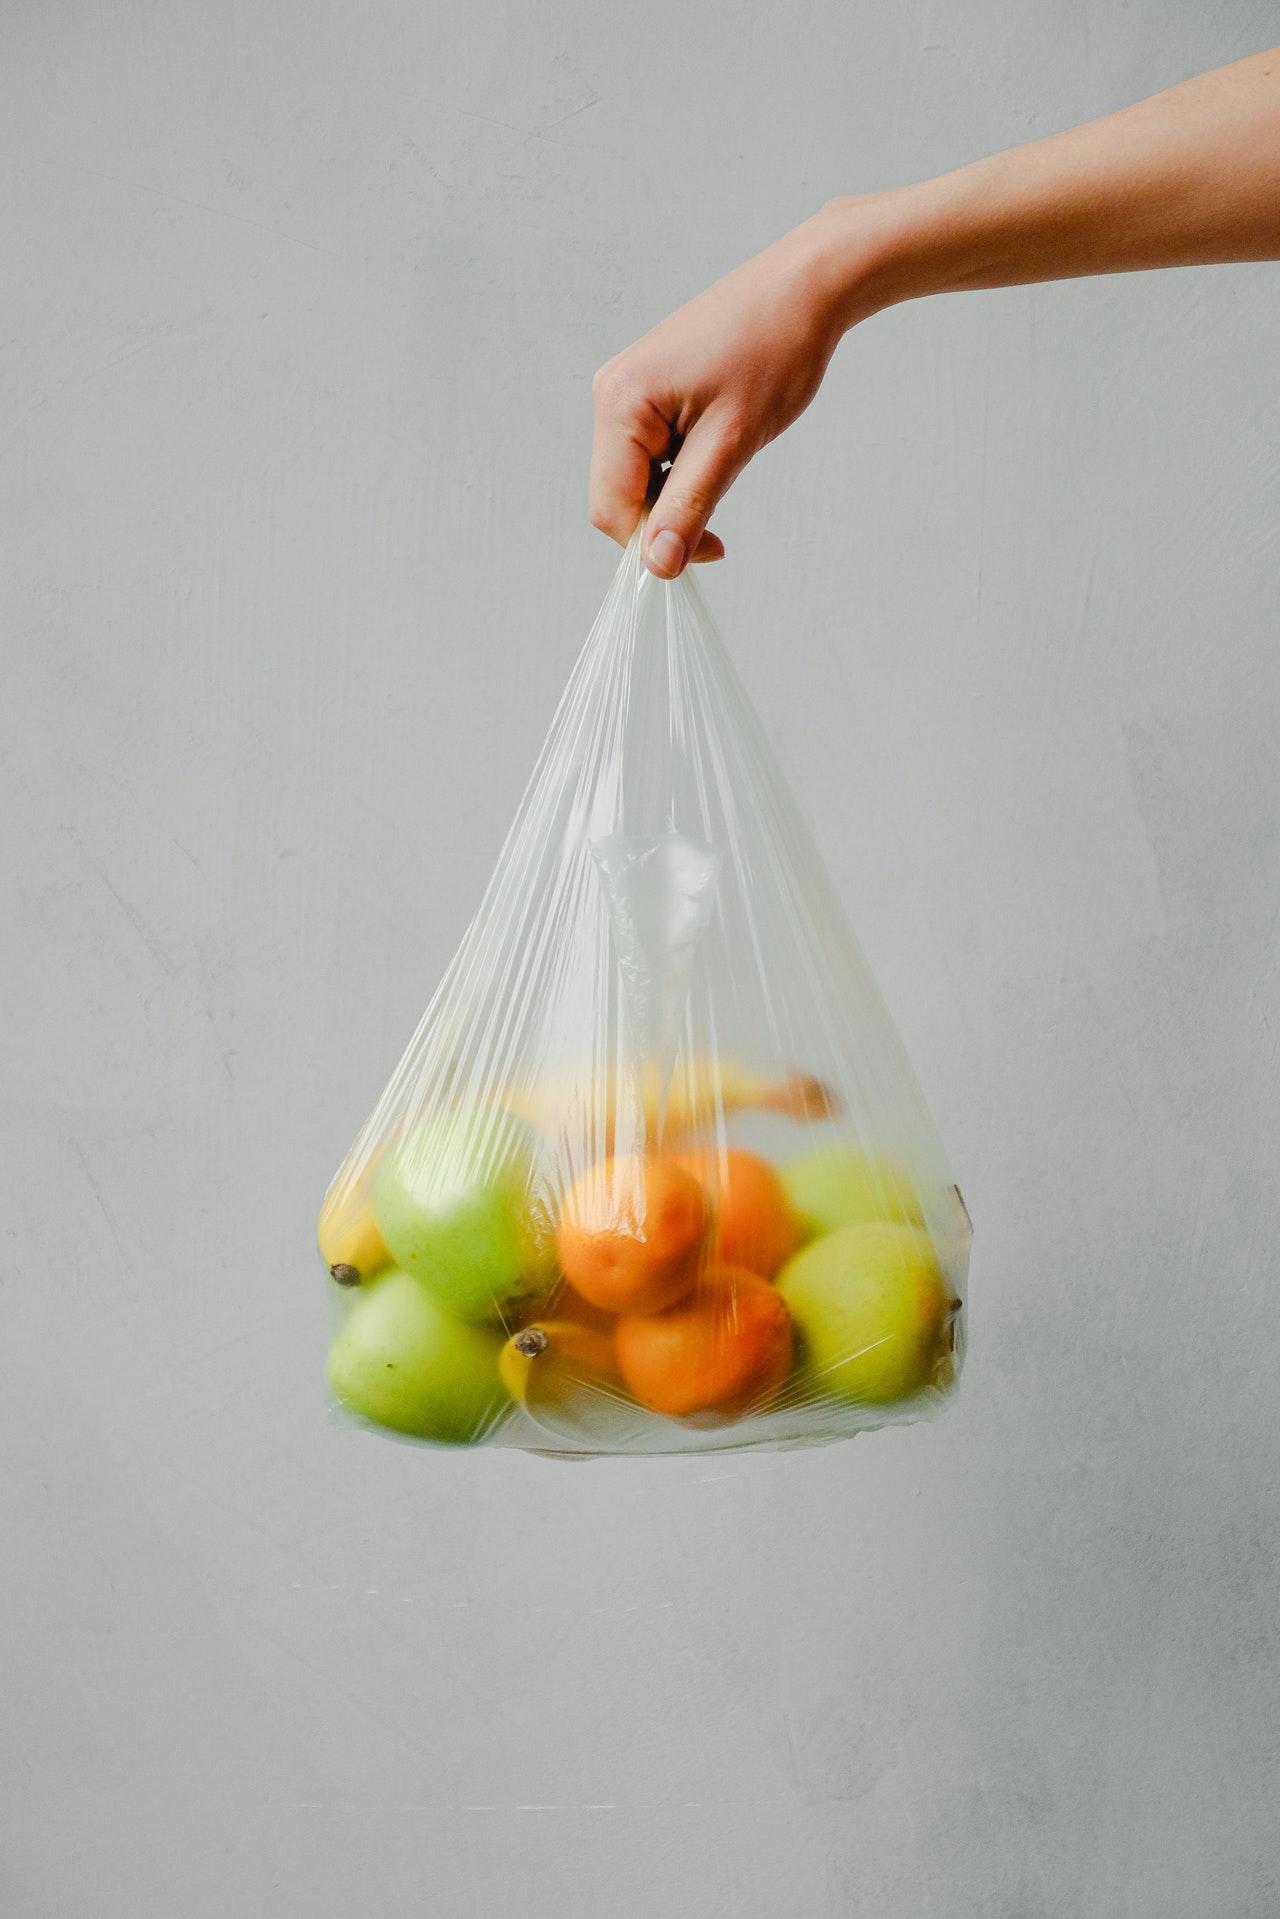 sacchetto-plastica